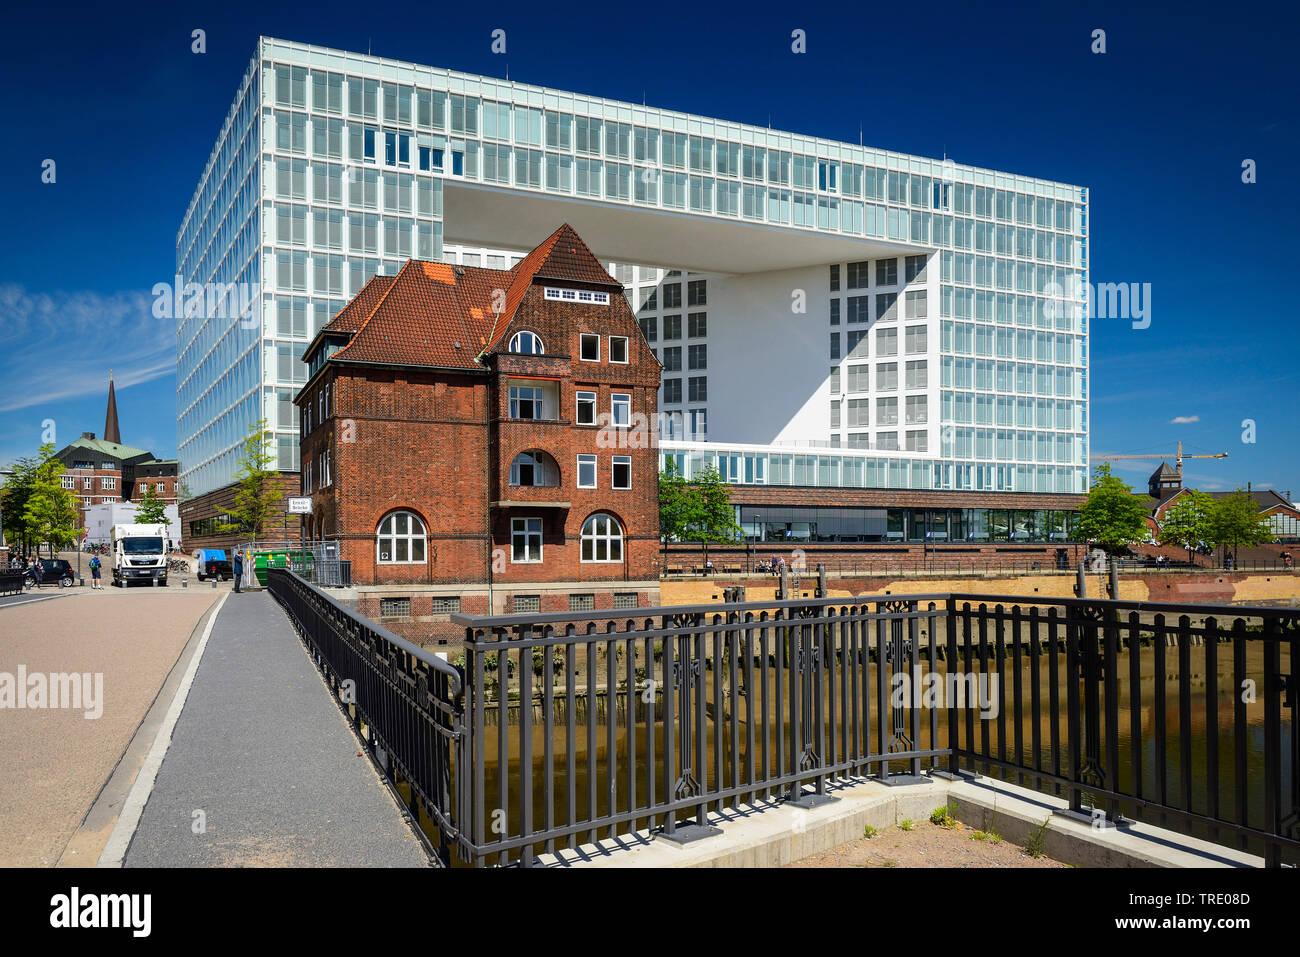 Ericus-Contor und altes Backsteingebaeude in der Hafencity, Bundesrepublik Deutschland, Hamburg | Ericus-Contor und old brick-linedin in the Hafencity - Stock Image